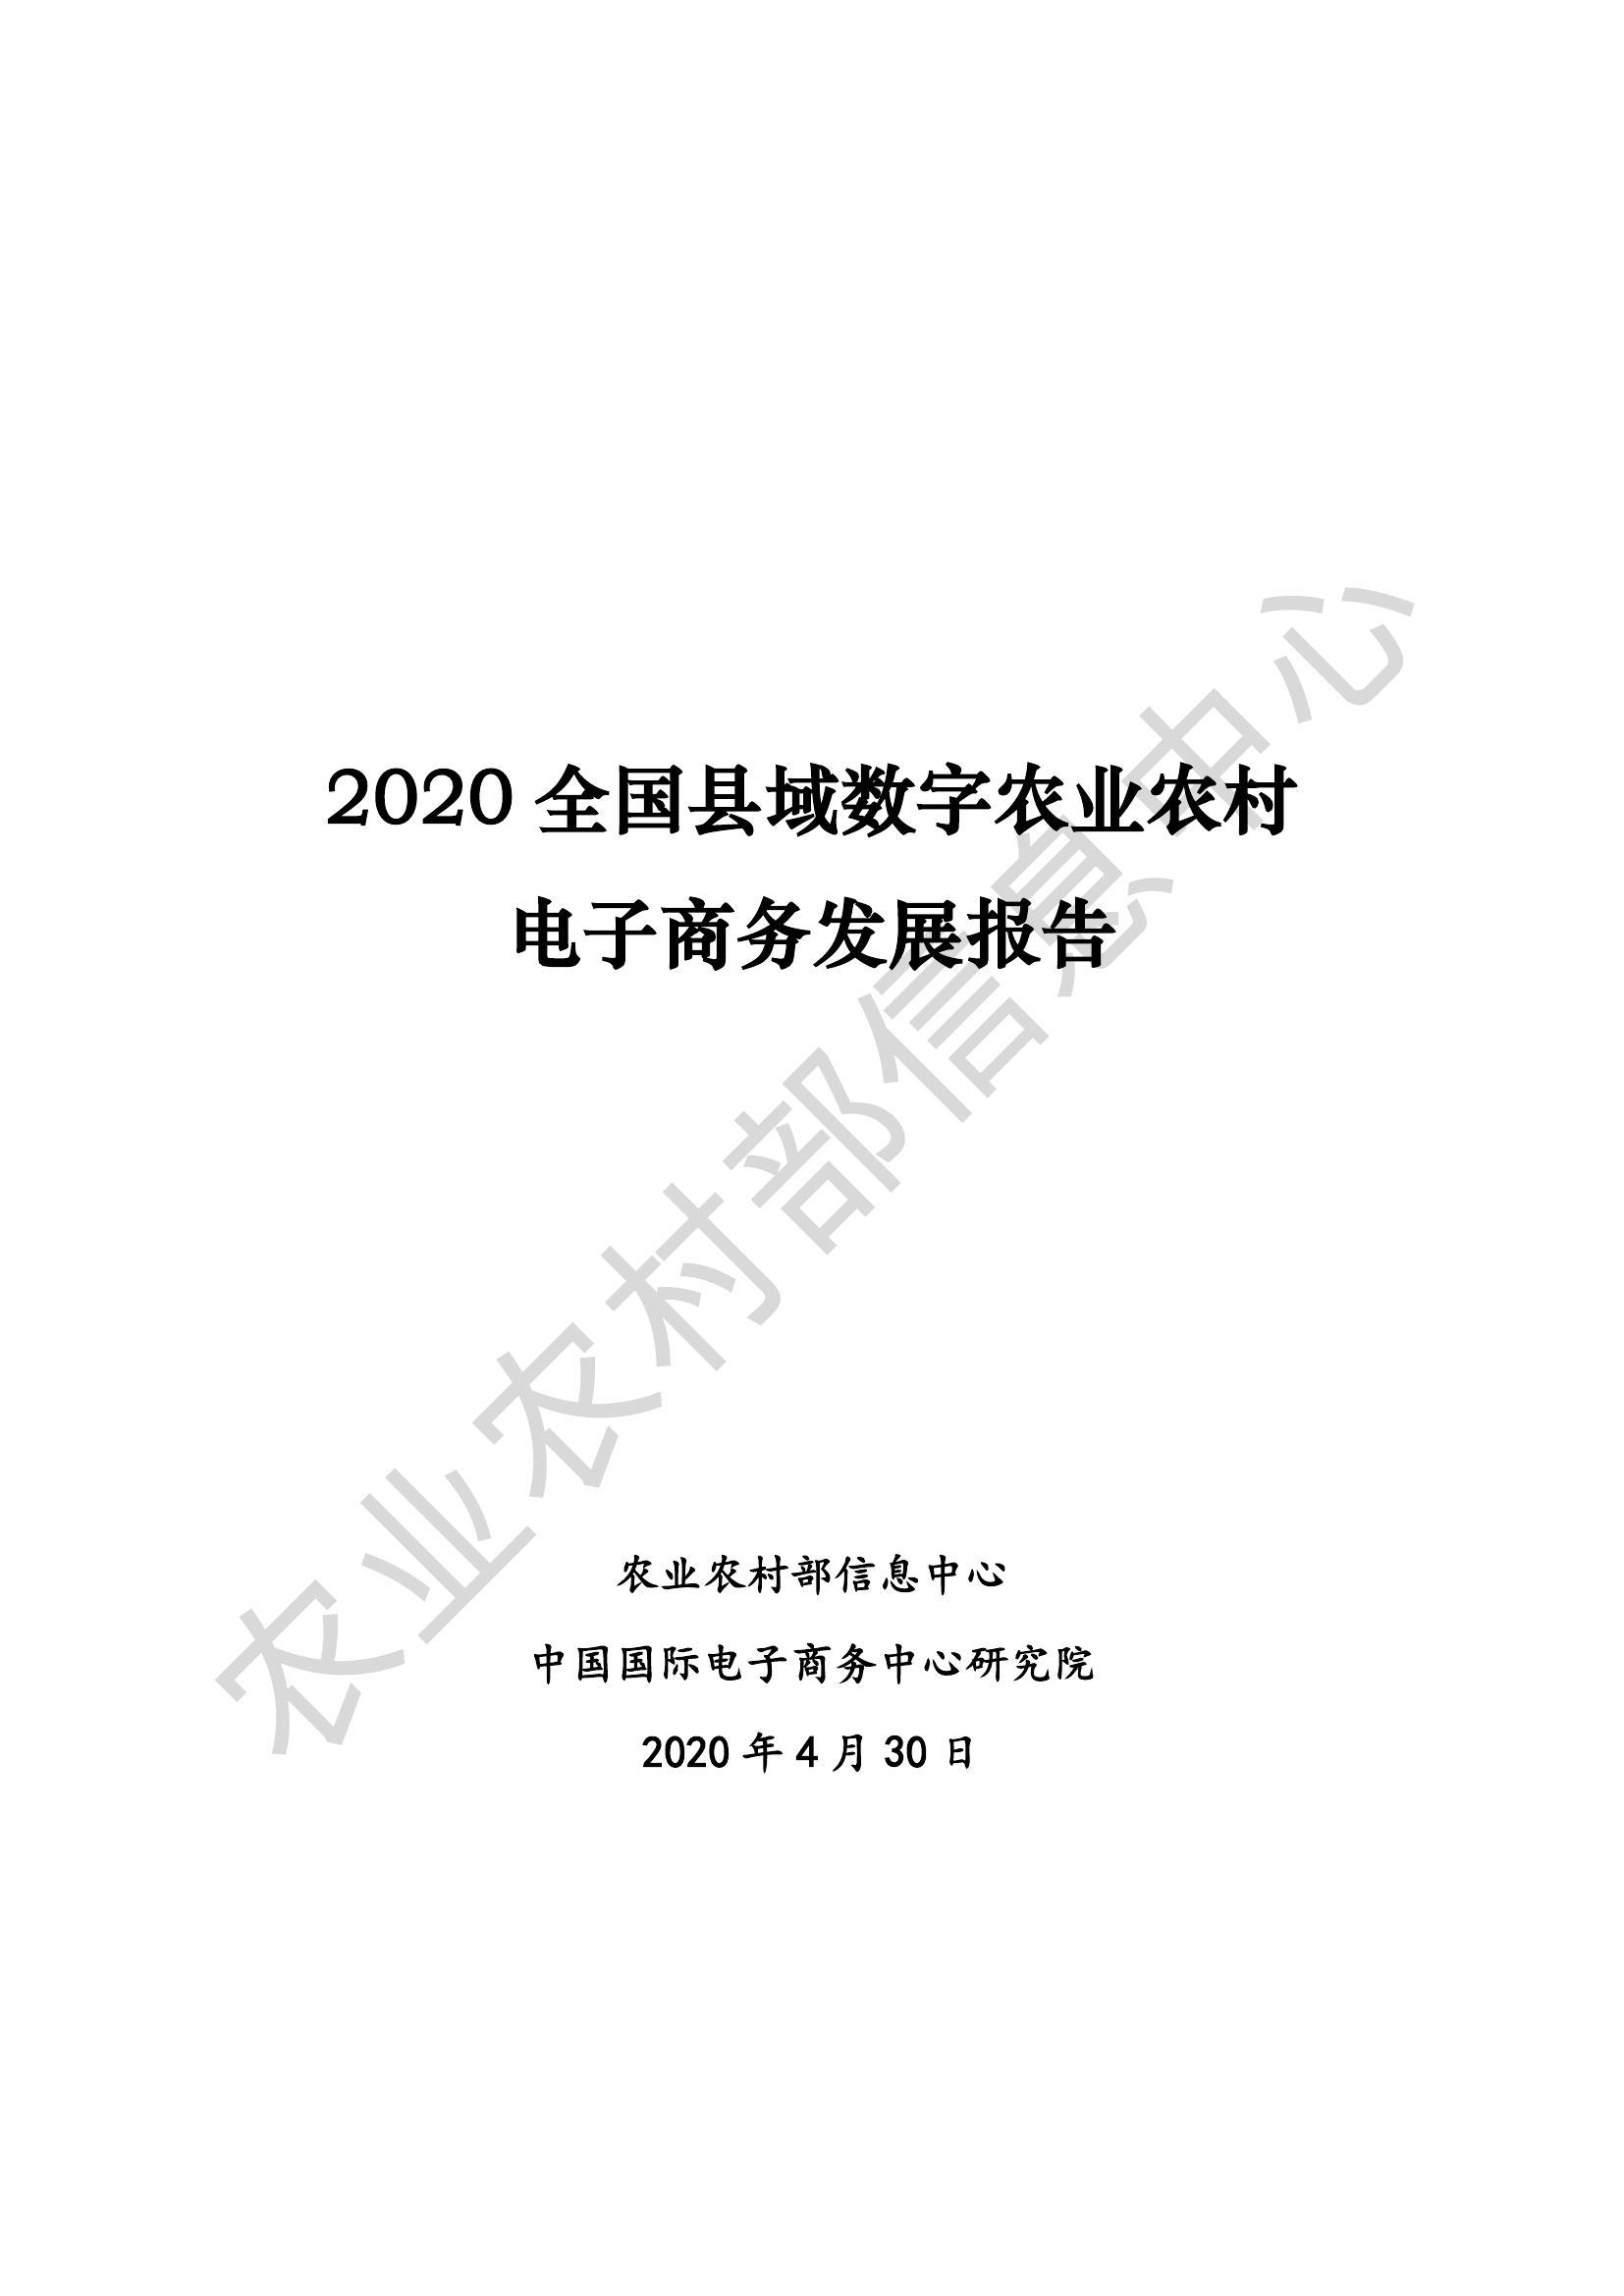 农业农村部:2020全国县域数字农业农村电子商务发展报告